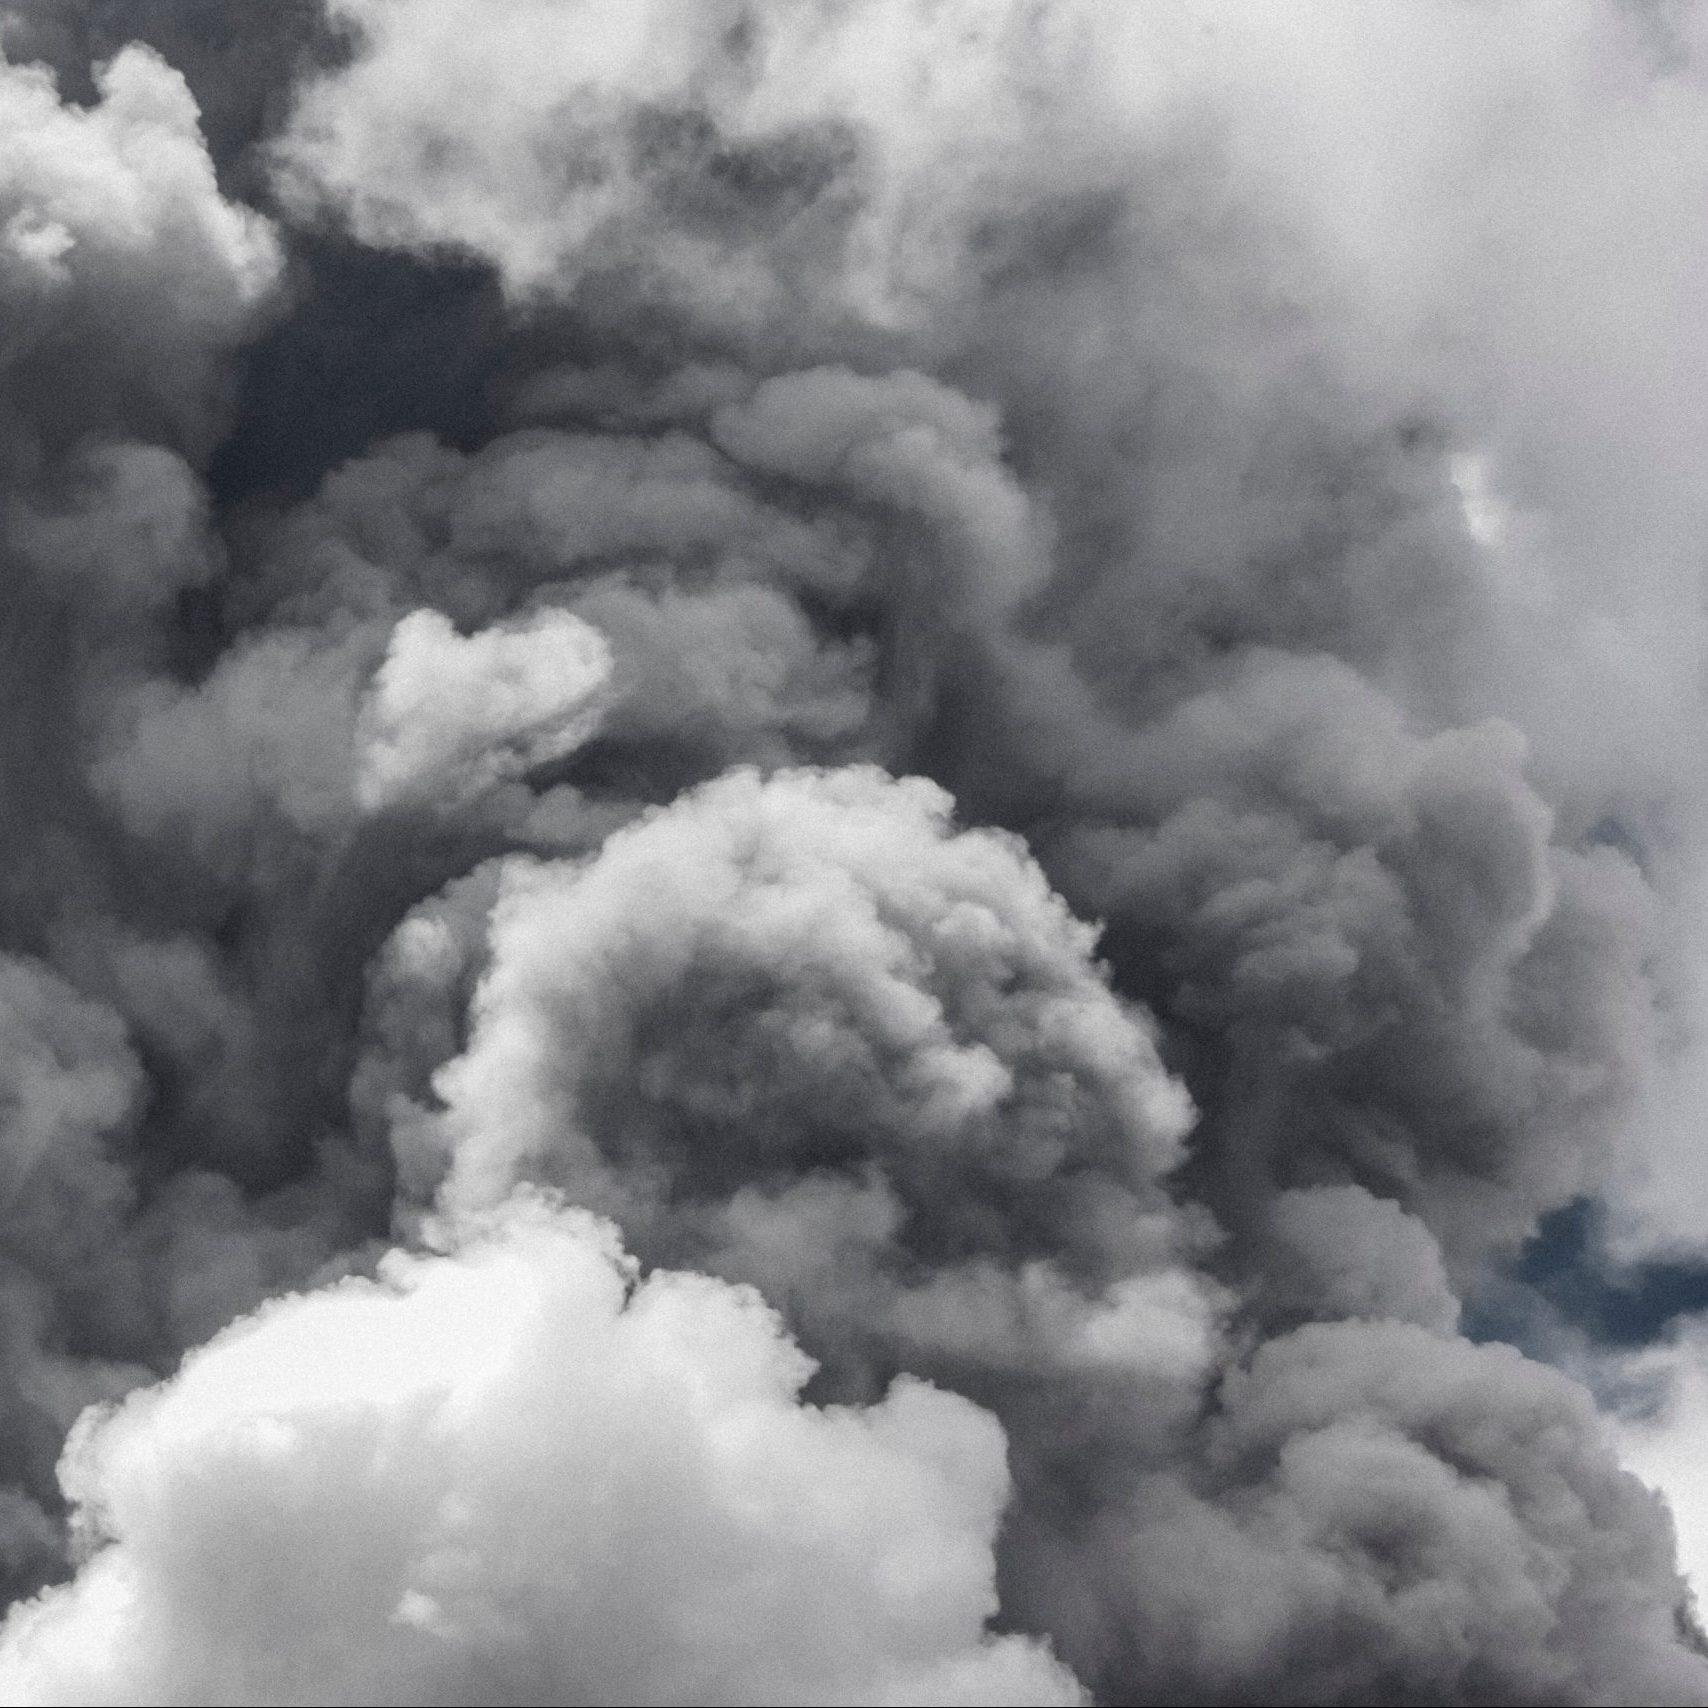 Fire on board Maersk Honam